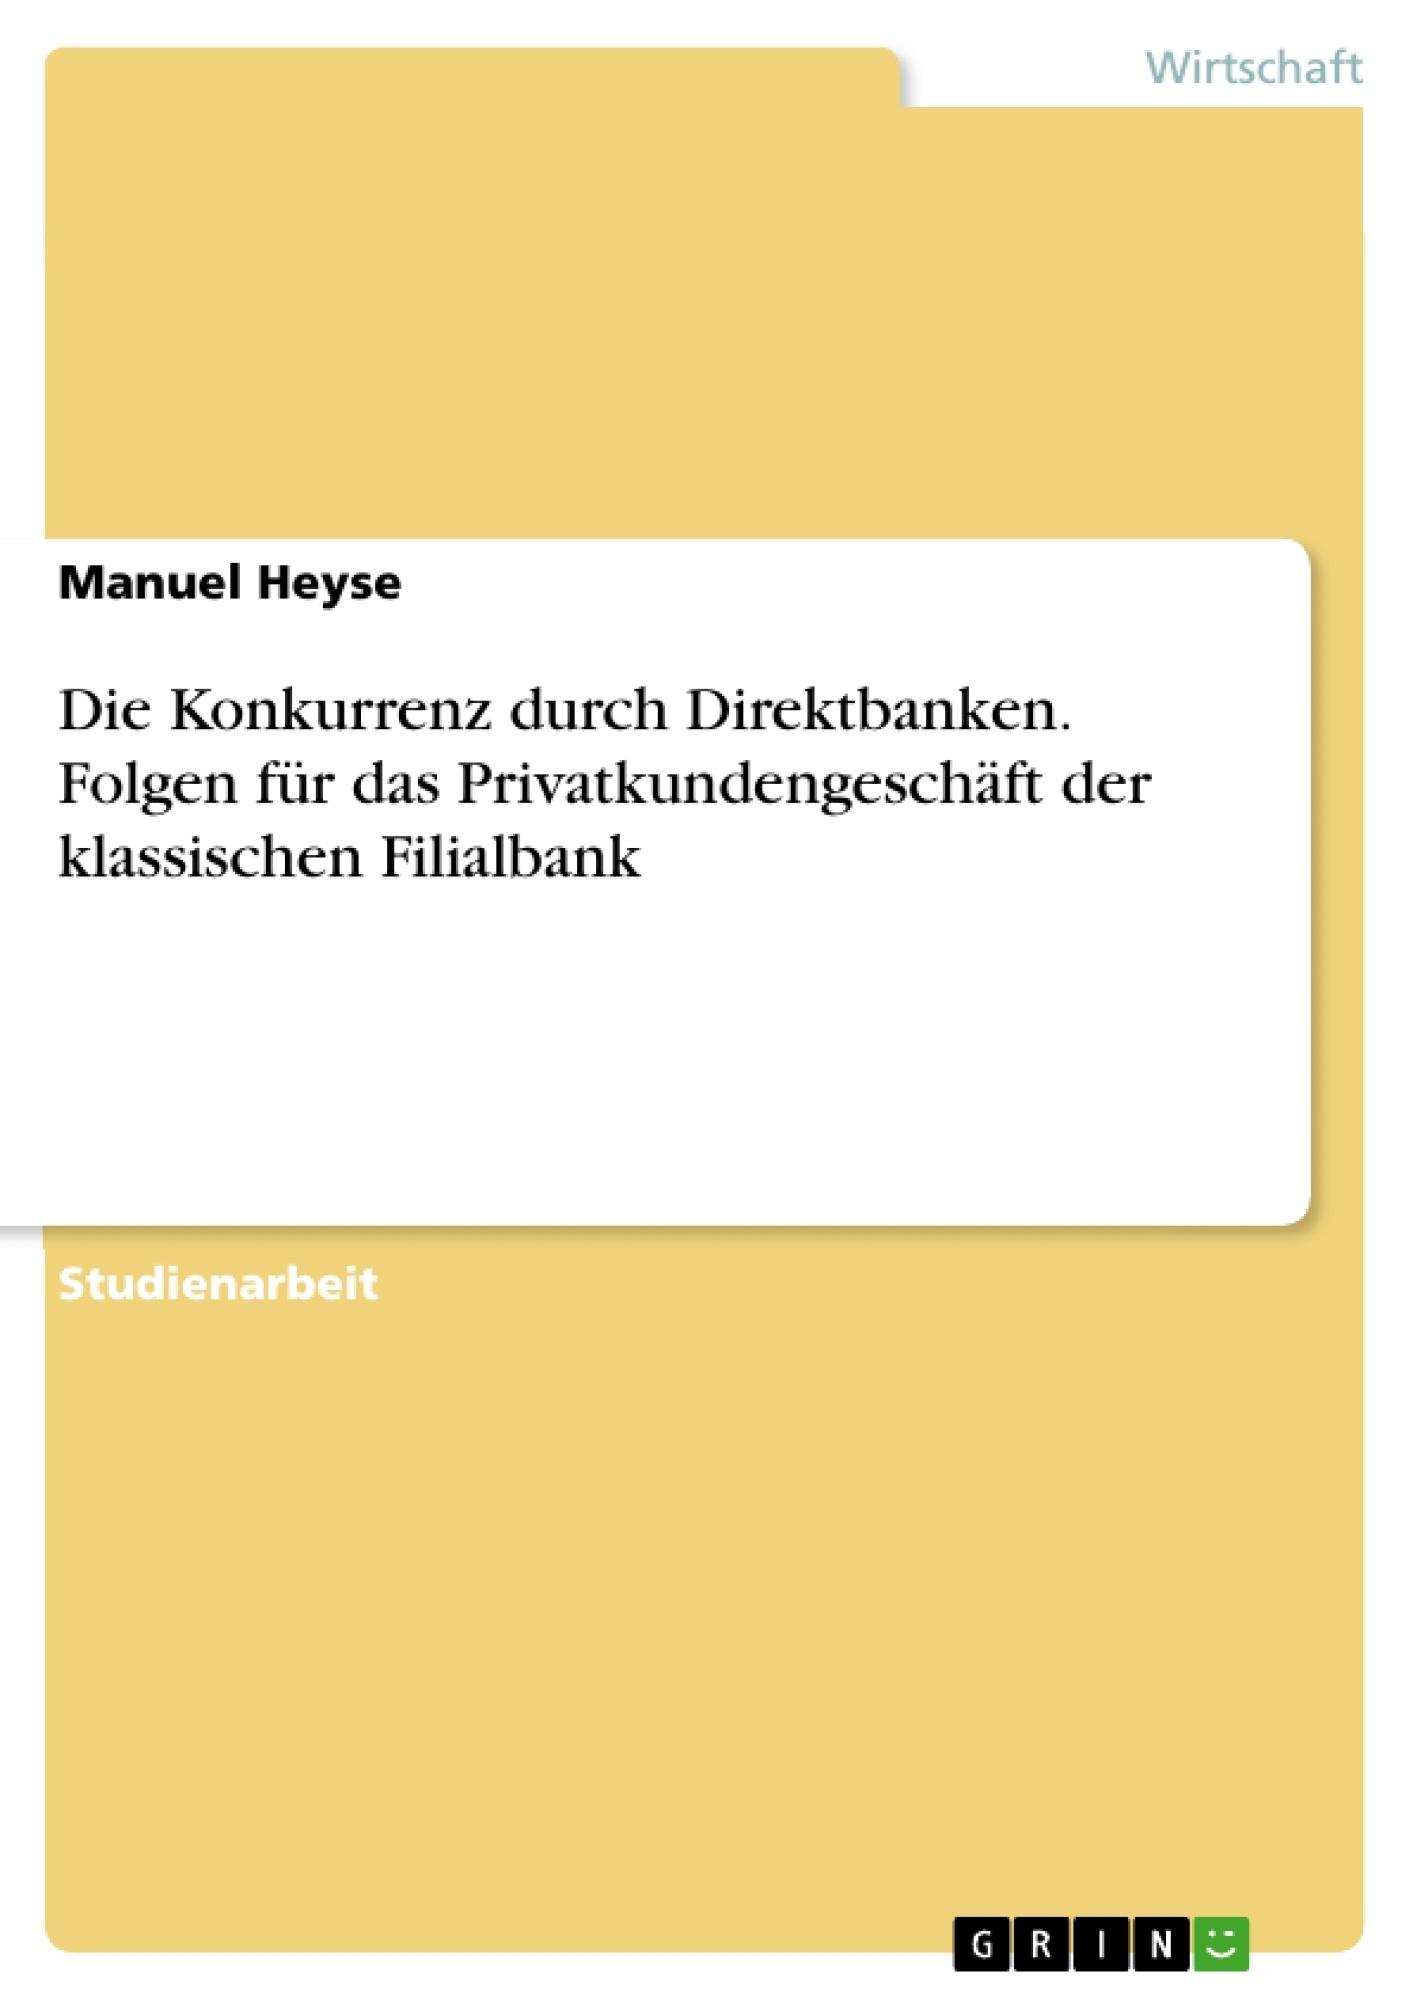 Titel: Die Konkurrenz durch Direktbanken. Folgen für das Privatkundengeschäft der klassischen Filialbank